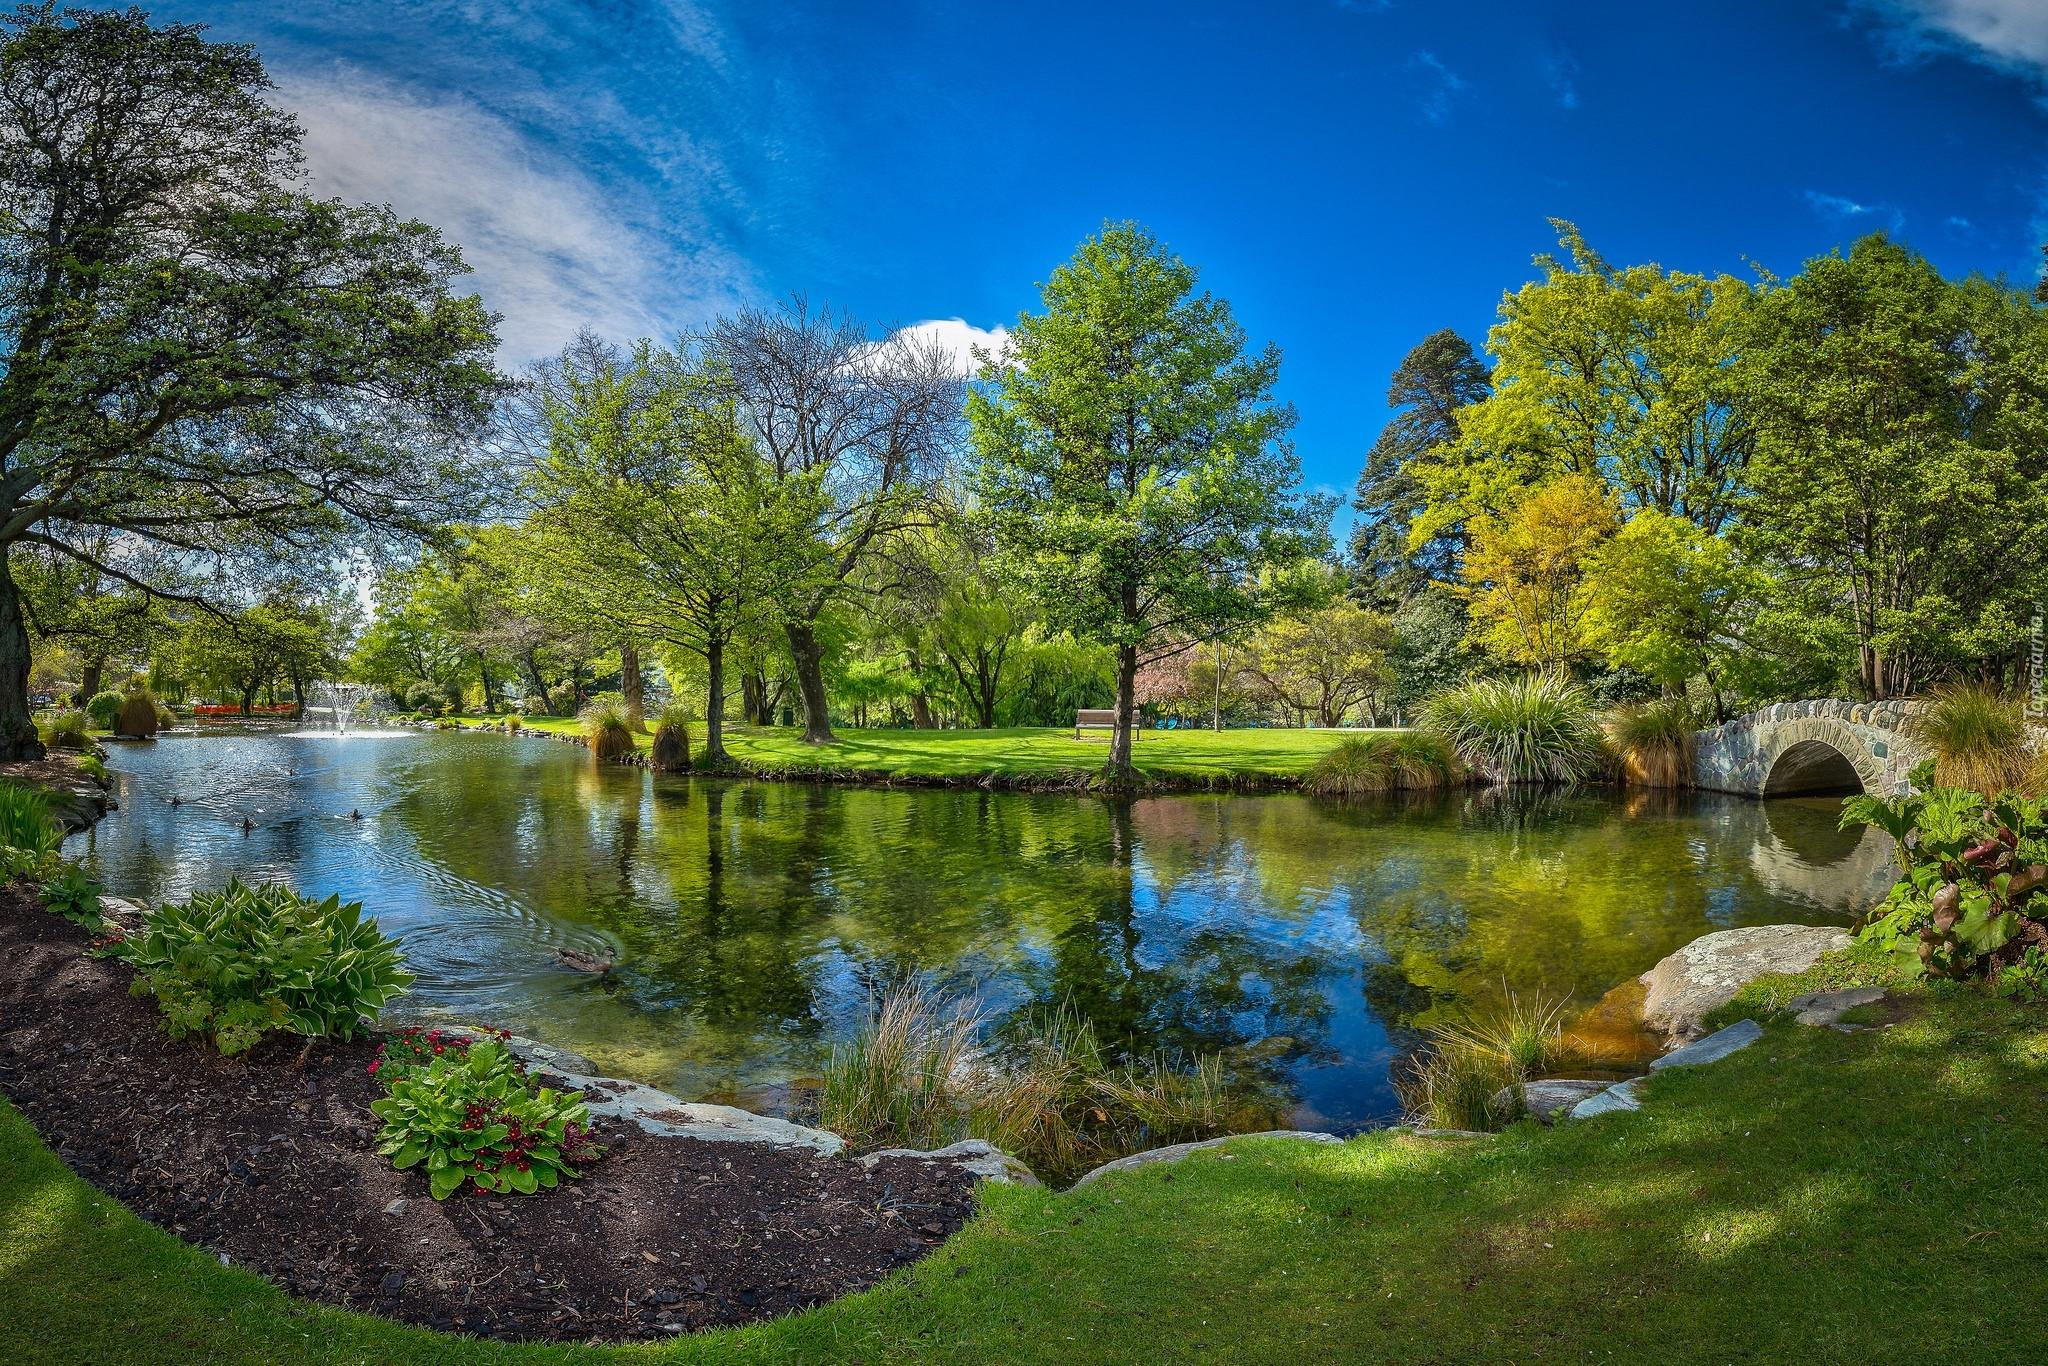 Atak W Nowej Zelandii Hd: Park W Queenstown W Nowej Zelandii